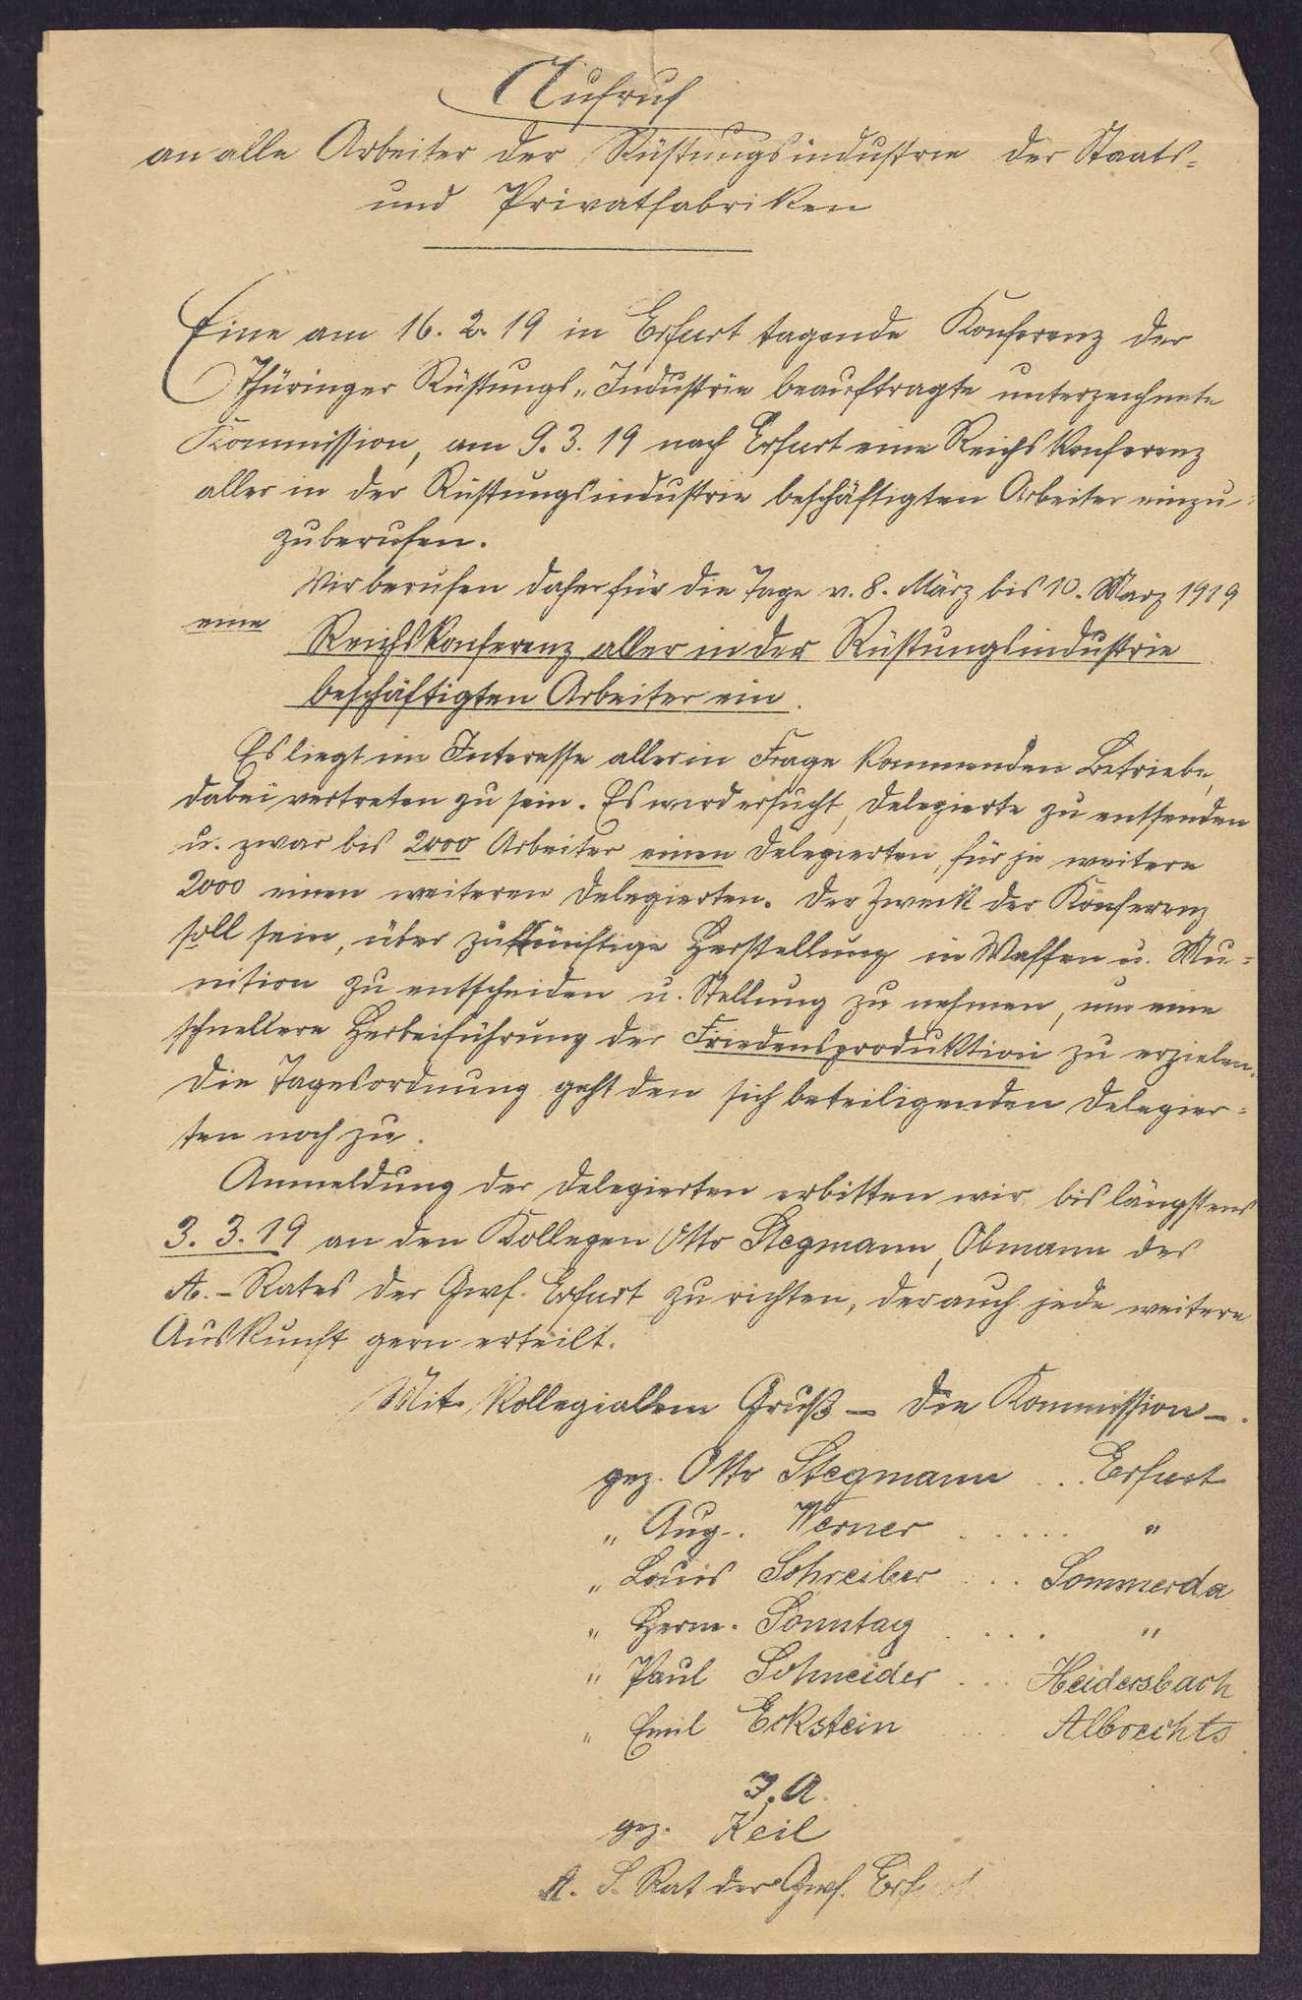 Einladung zur Reichskonferenz aller Arbeiterräte der Waffen- und Munitionsfabriken Deutschlands in Erfurt, Bild 1